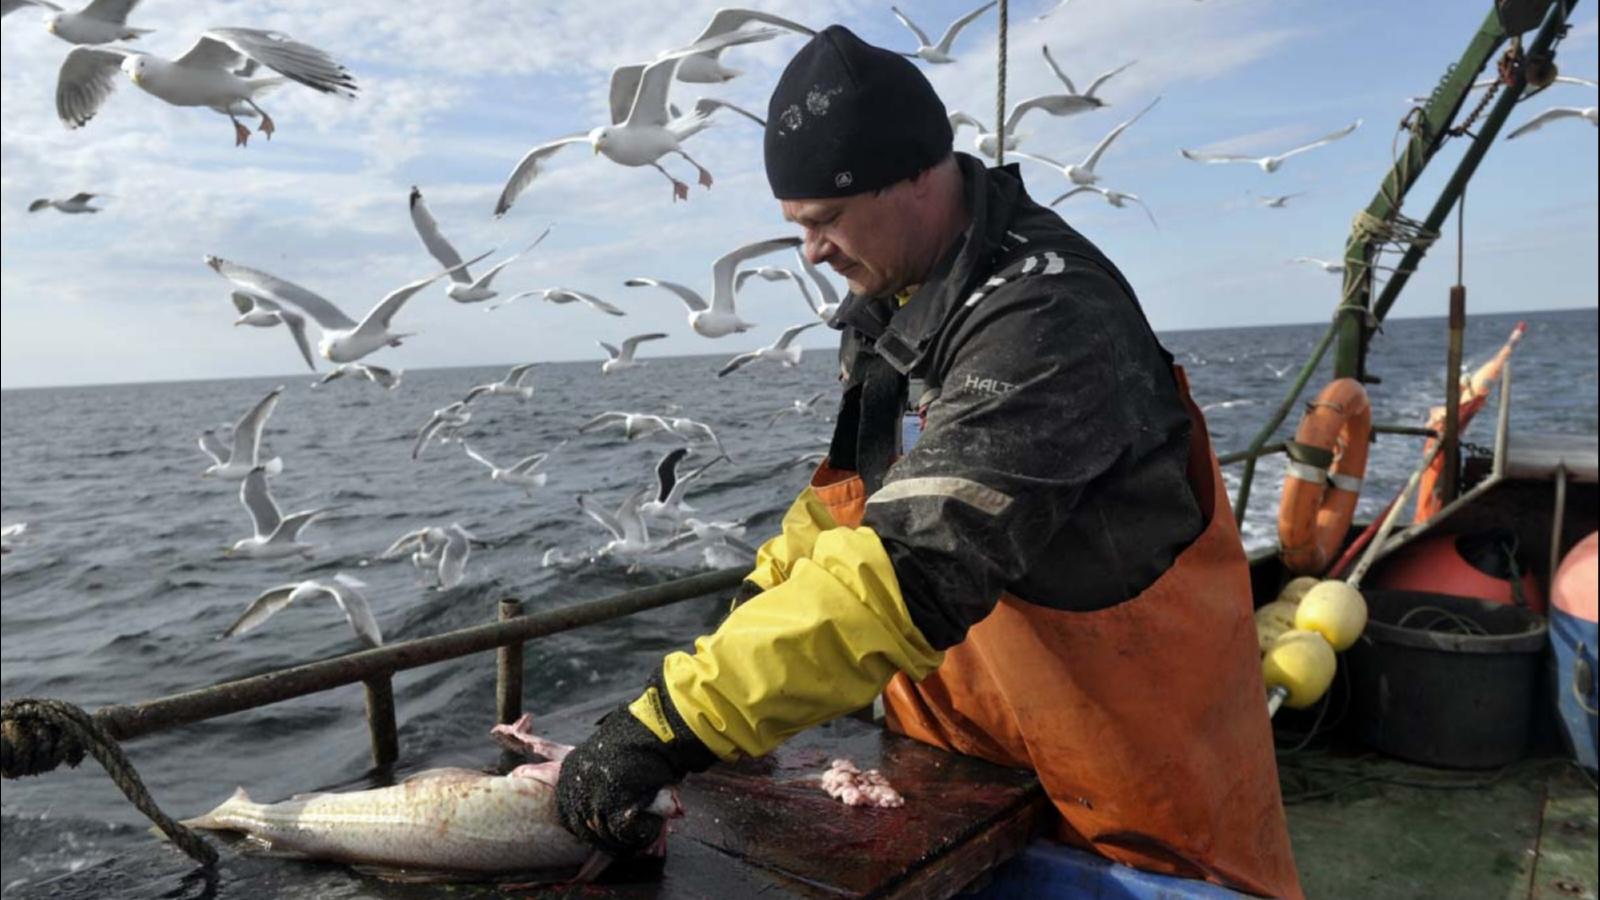 Мурманск. Проблемы прибрежного рыболовства. (kolos)